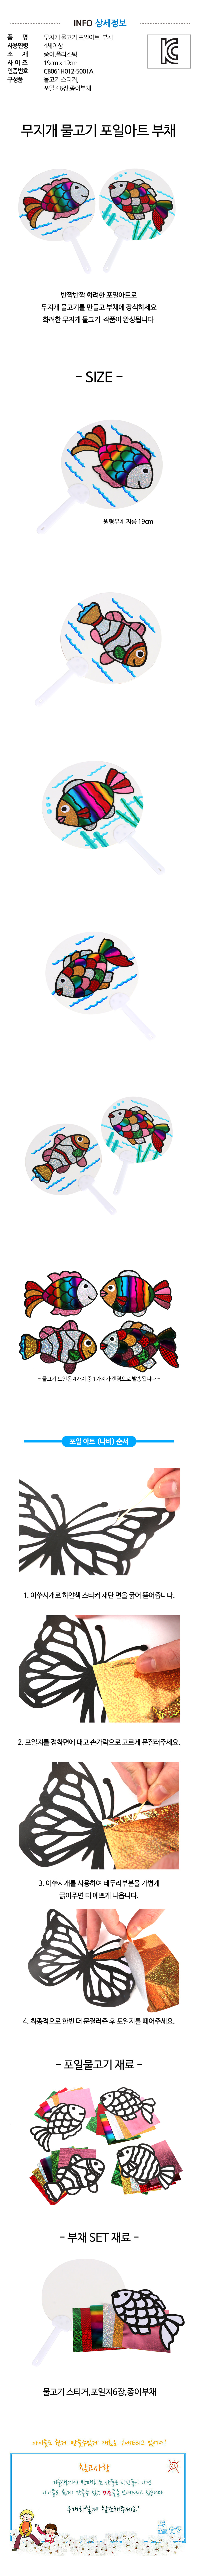 무지개물고기 포일아트 부채 5인용 - 미술샘, 7,000원, 종이공예/북아트, 종이공예 패키지